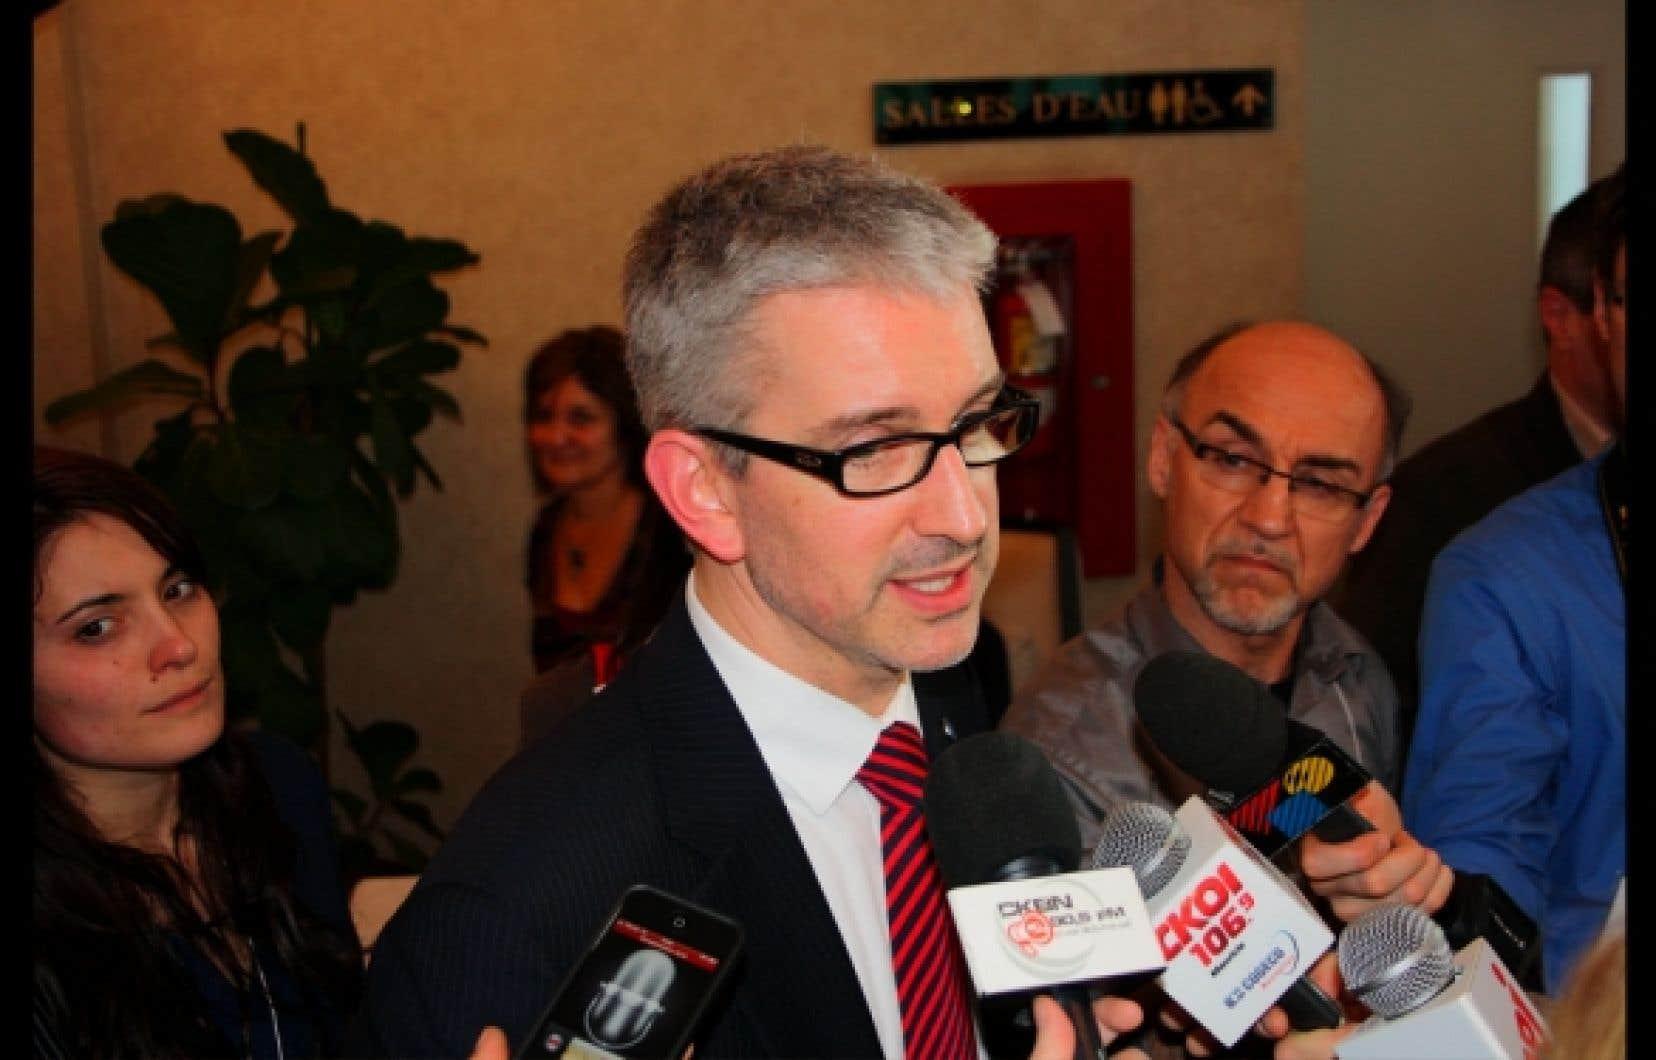 Selon Jean-Martin Aussant, ON visera à «redonner de l'espoir et de la confiance» dans la capacité des Québécois à agir. À ses yeux, le discours du chef de la Coalition avenir Québec, François Legault, démobilise les Québécois et sape leur confiance.